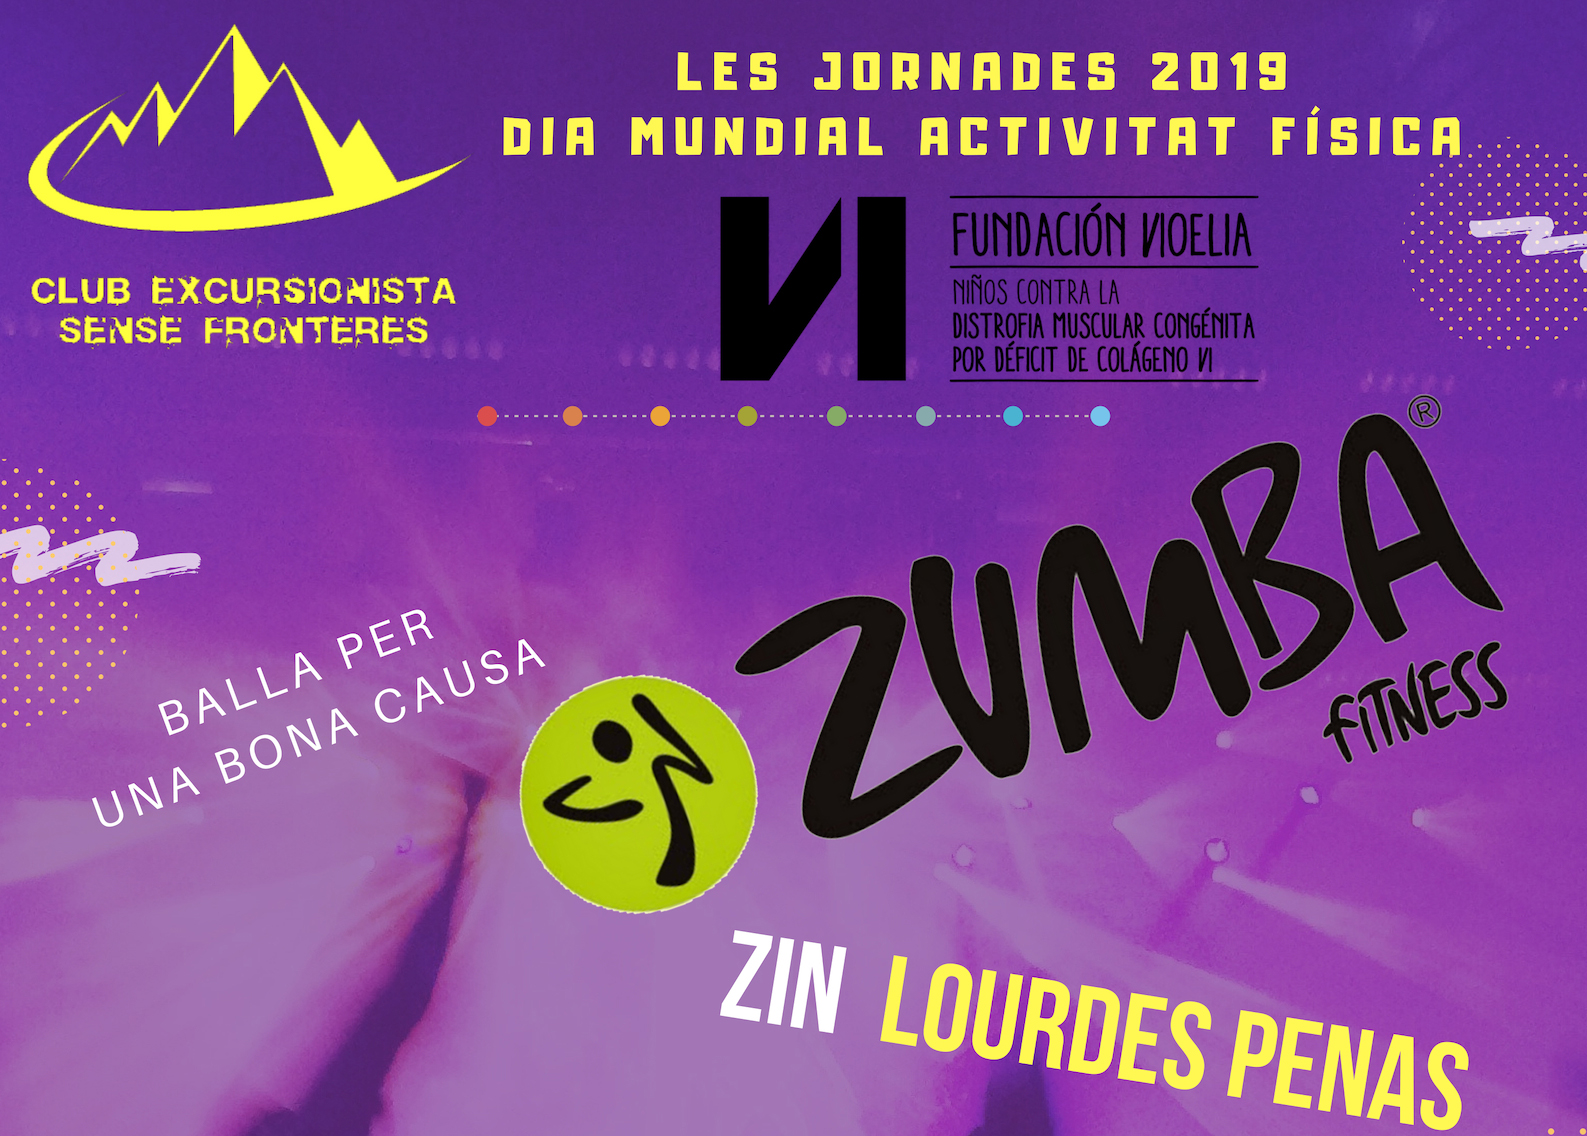 Sesión de Zumba Fitness